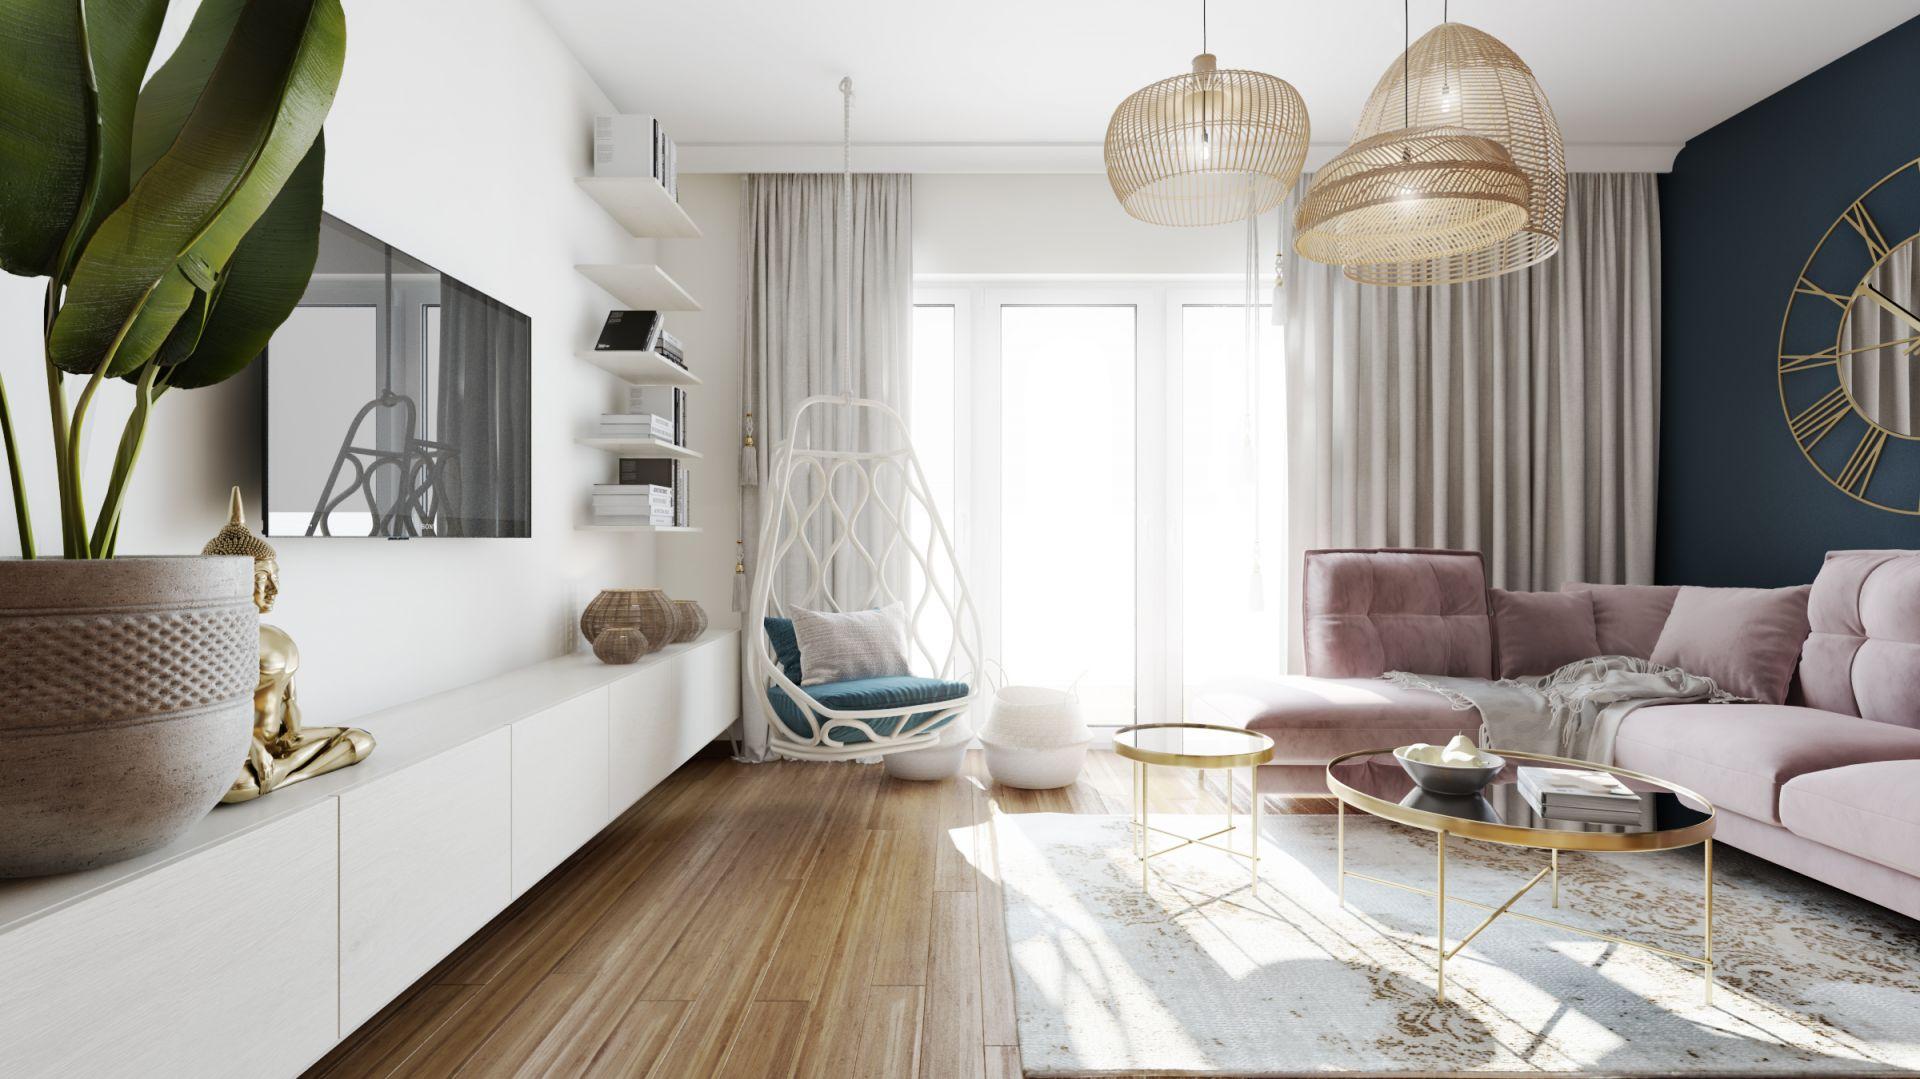 Piękne, przytulne mieszkanie: salon. Projekt: Marta Ogrodowczyk, Marta Piórkowska. Wizualizacja: Elżbieta Paćkowska